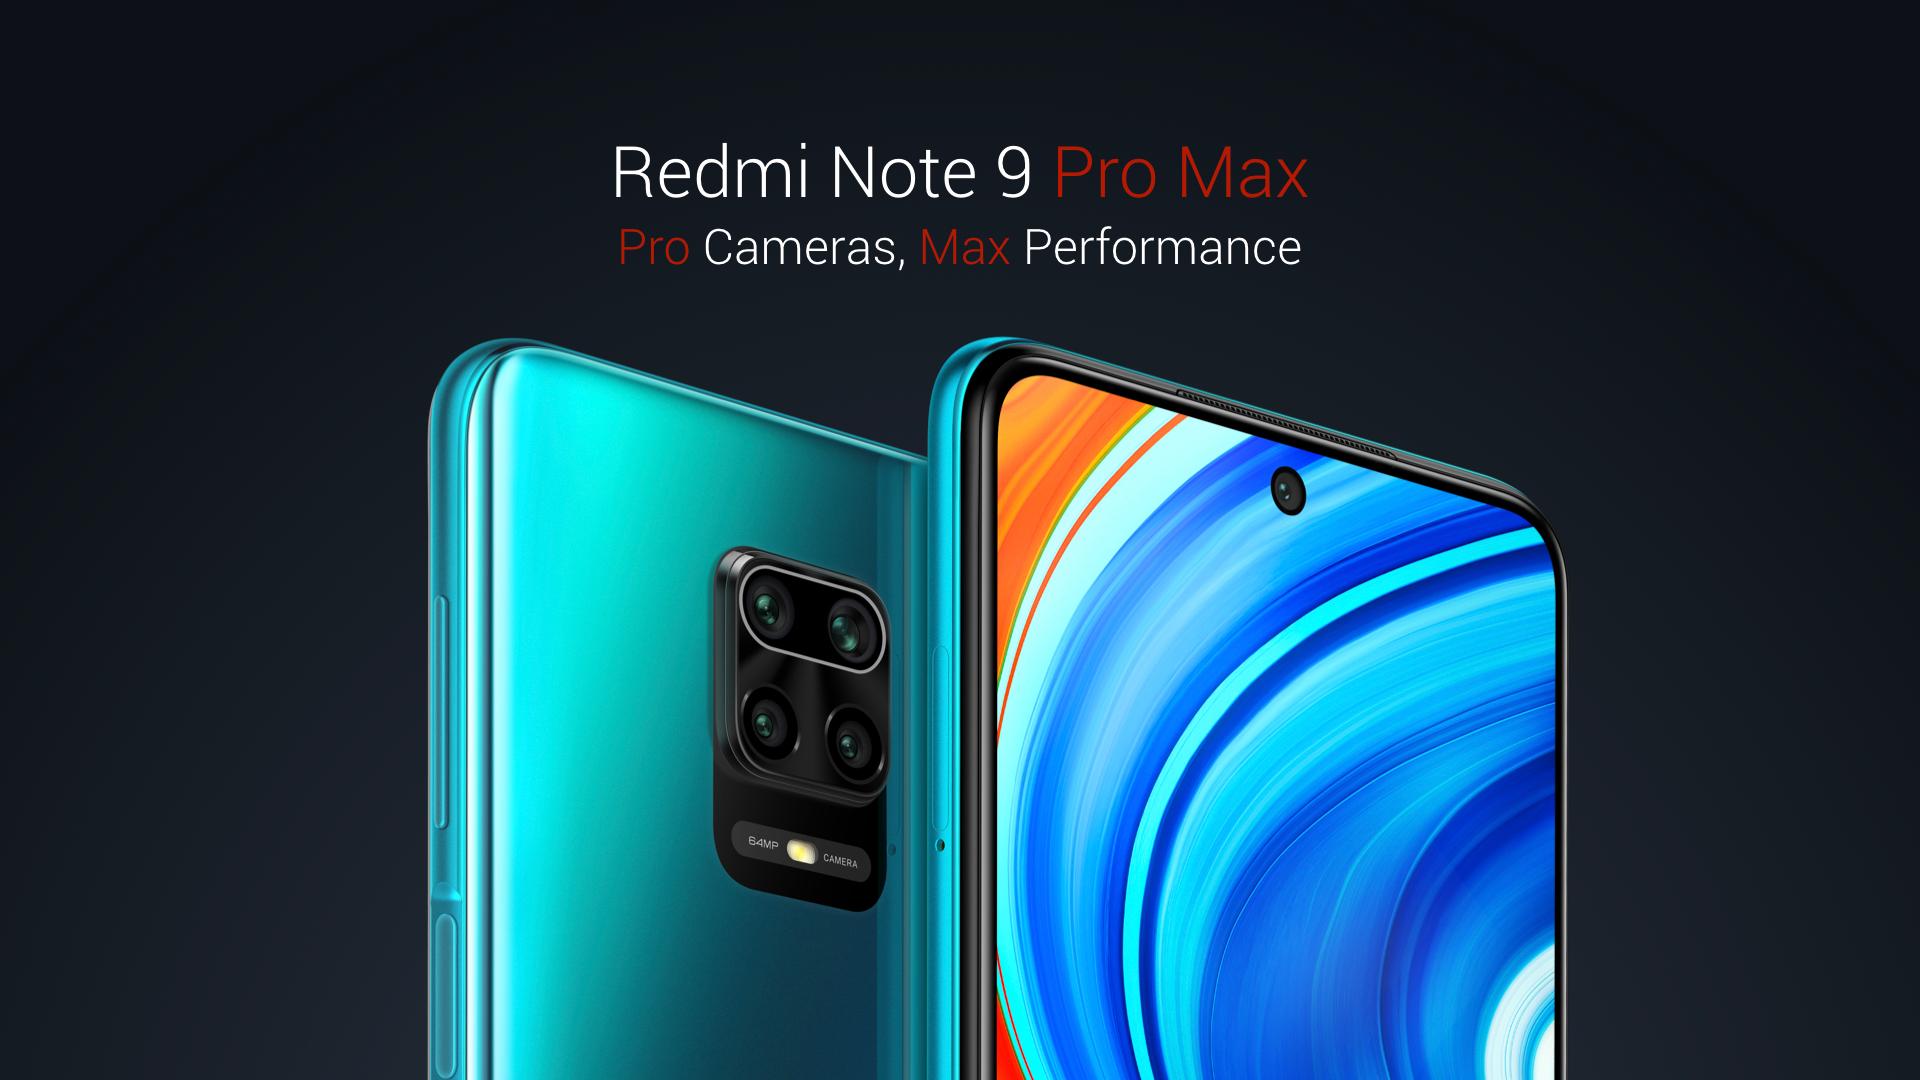 premiera Redmi Note 9 Pro Max cena opinie kiedy w Polsce specyfikacja dane techniczne